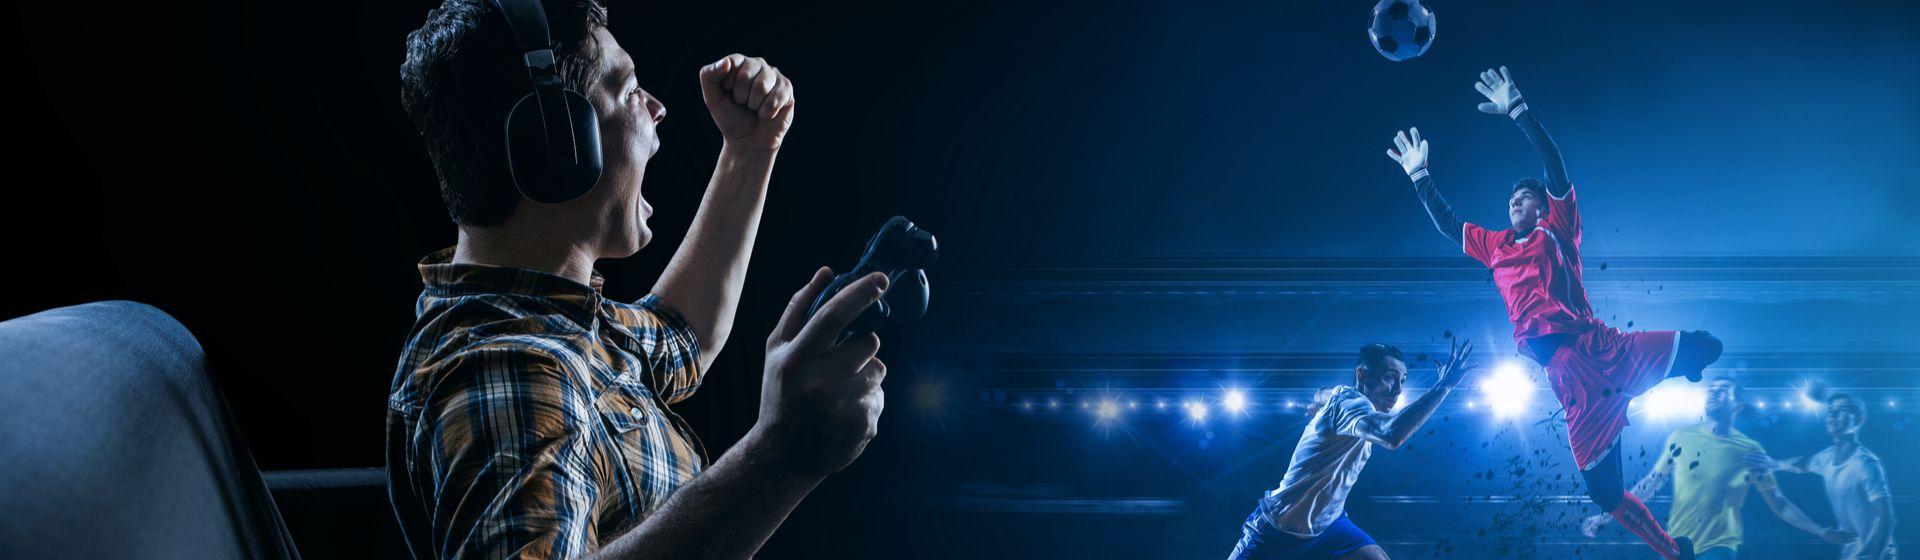 TV para PS5: conheça 4 TVs gamer ideais para o console